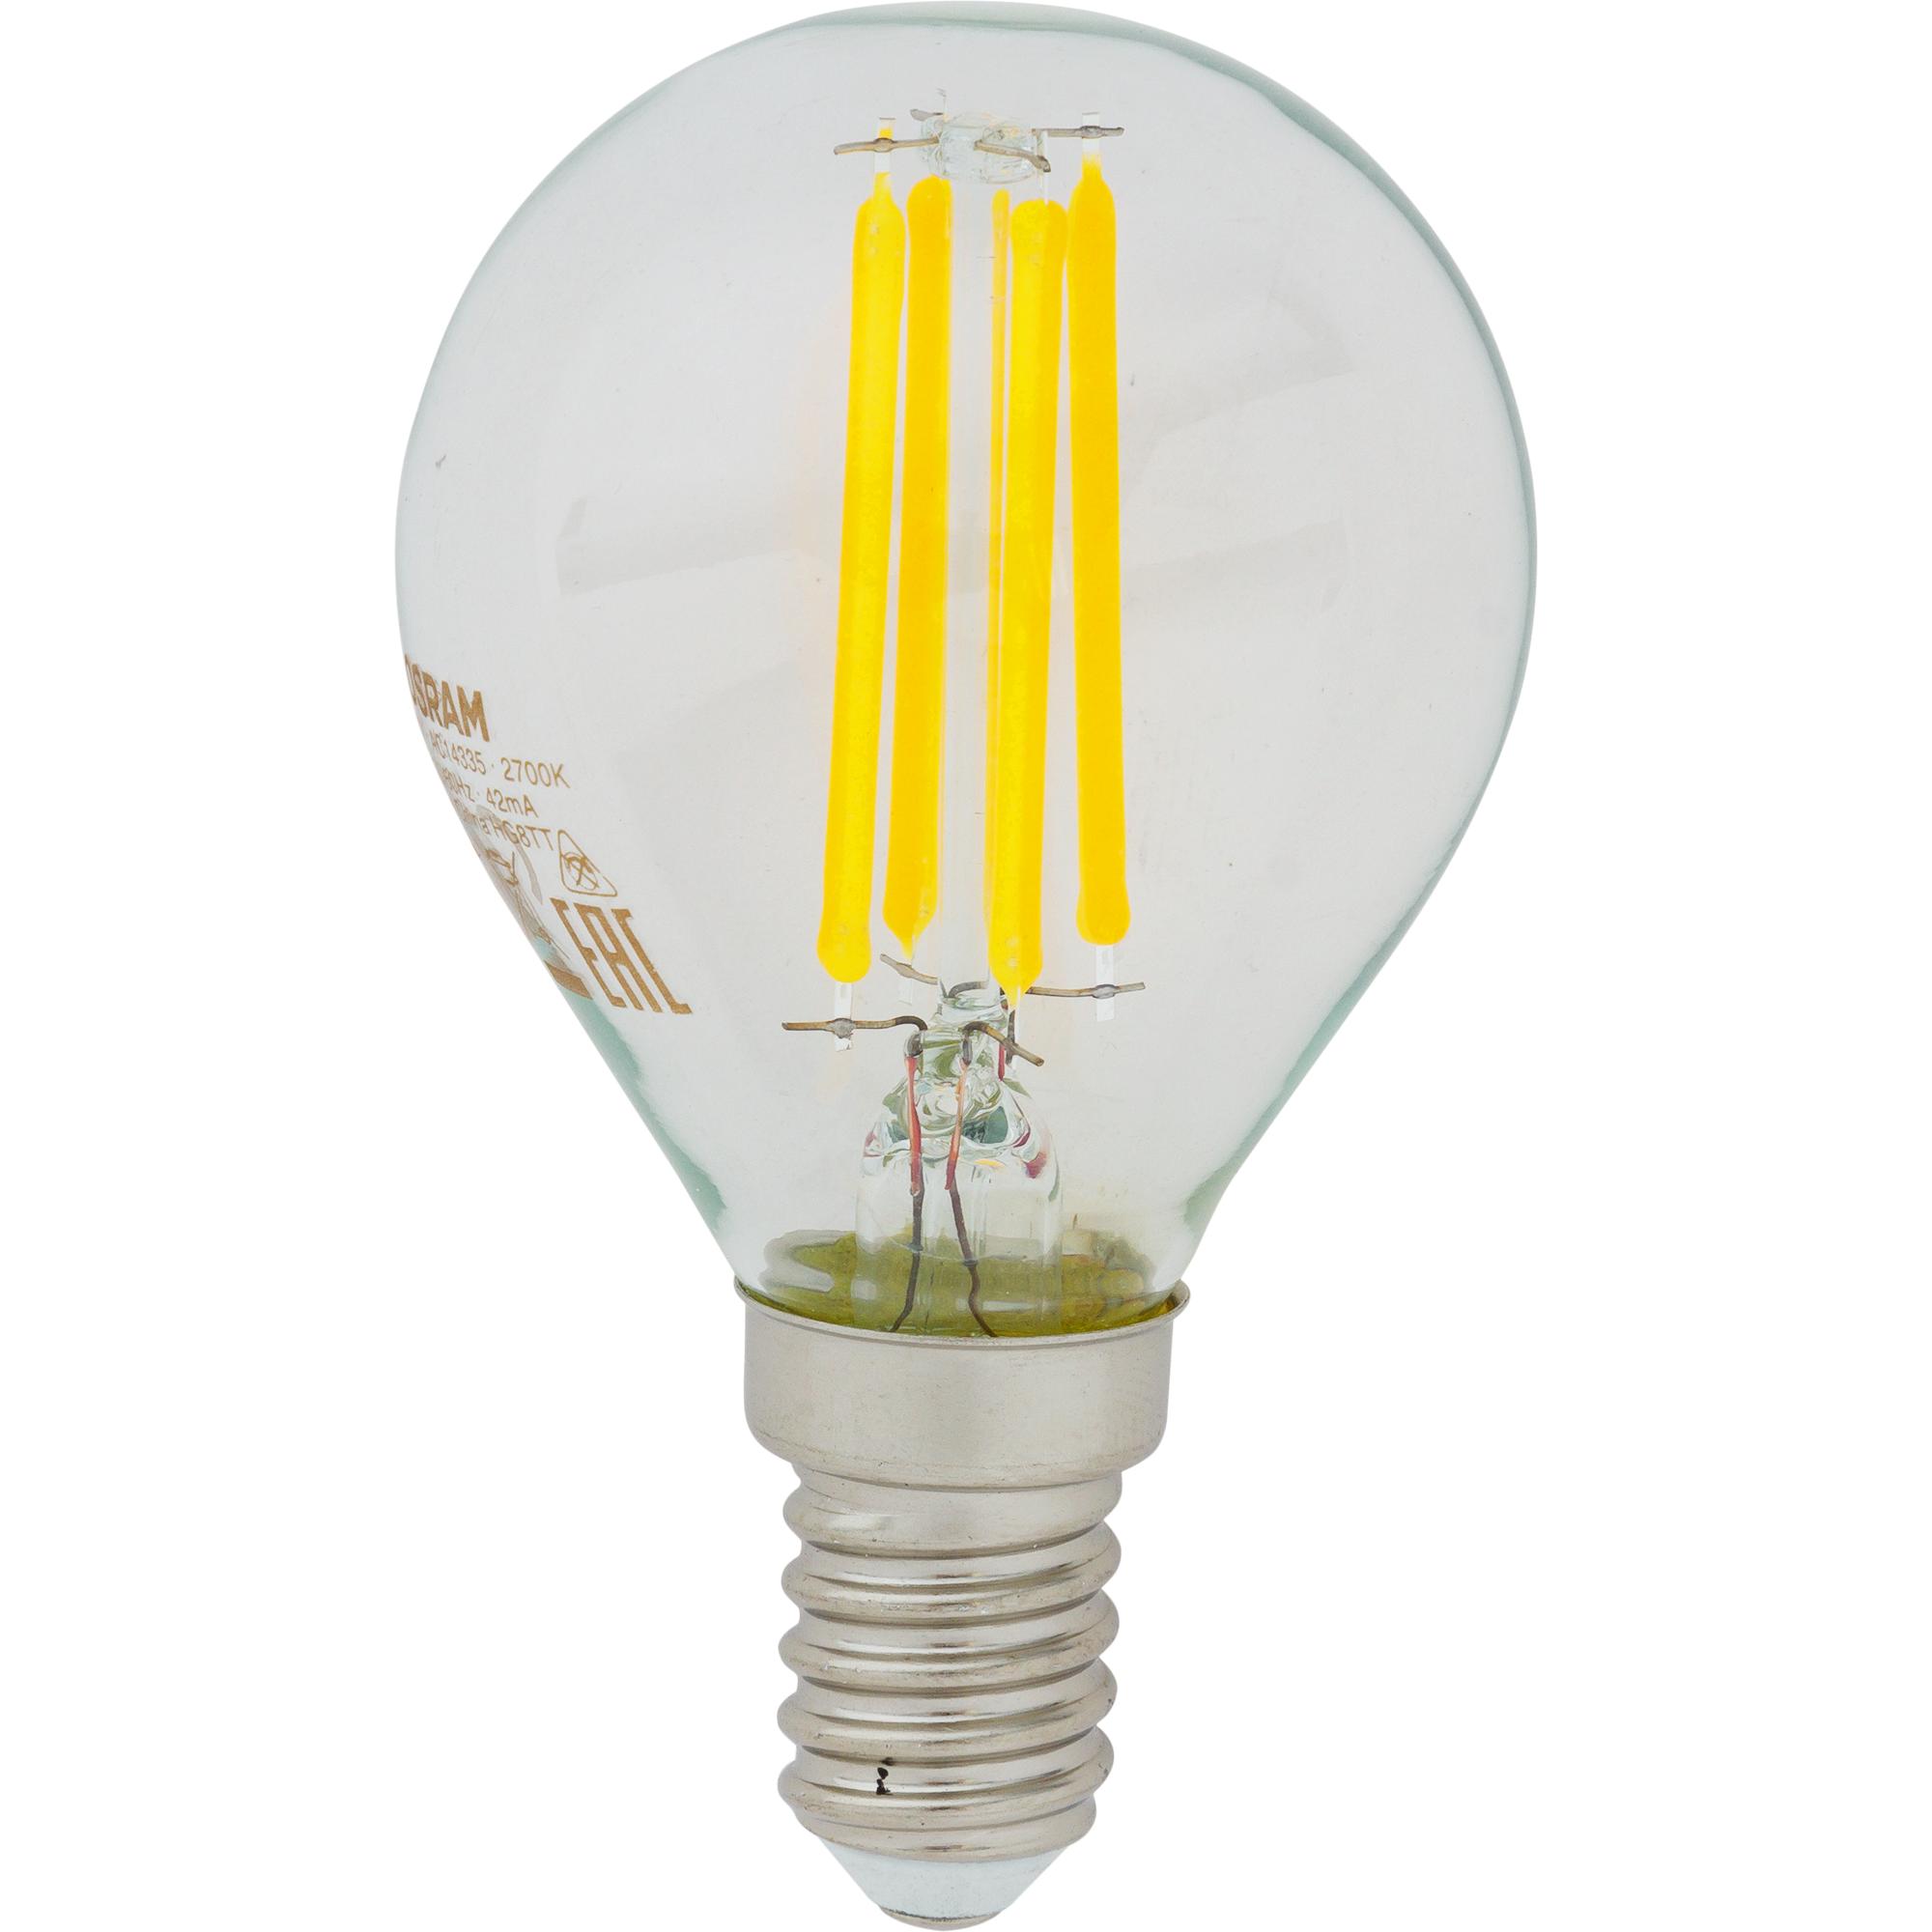 Лампа светодиодная Osram E14 220 В 5 Вт шар 660 лм холодный белый свет